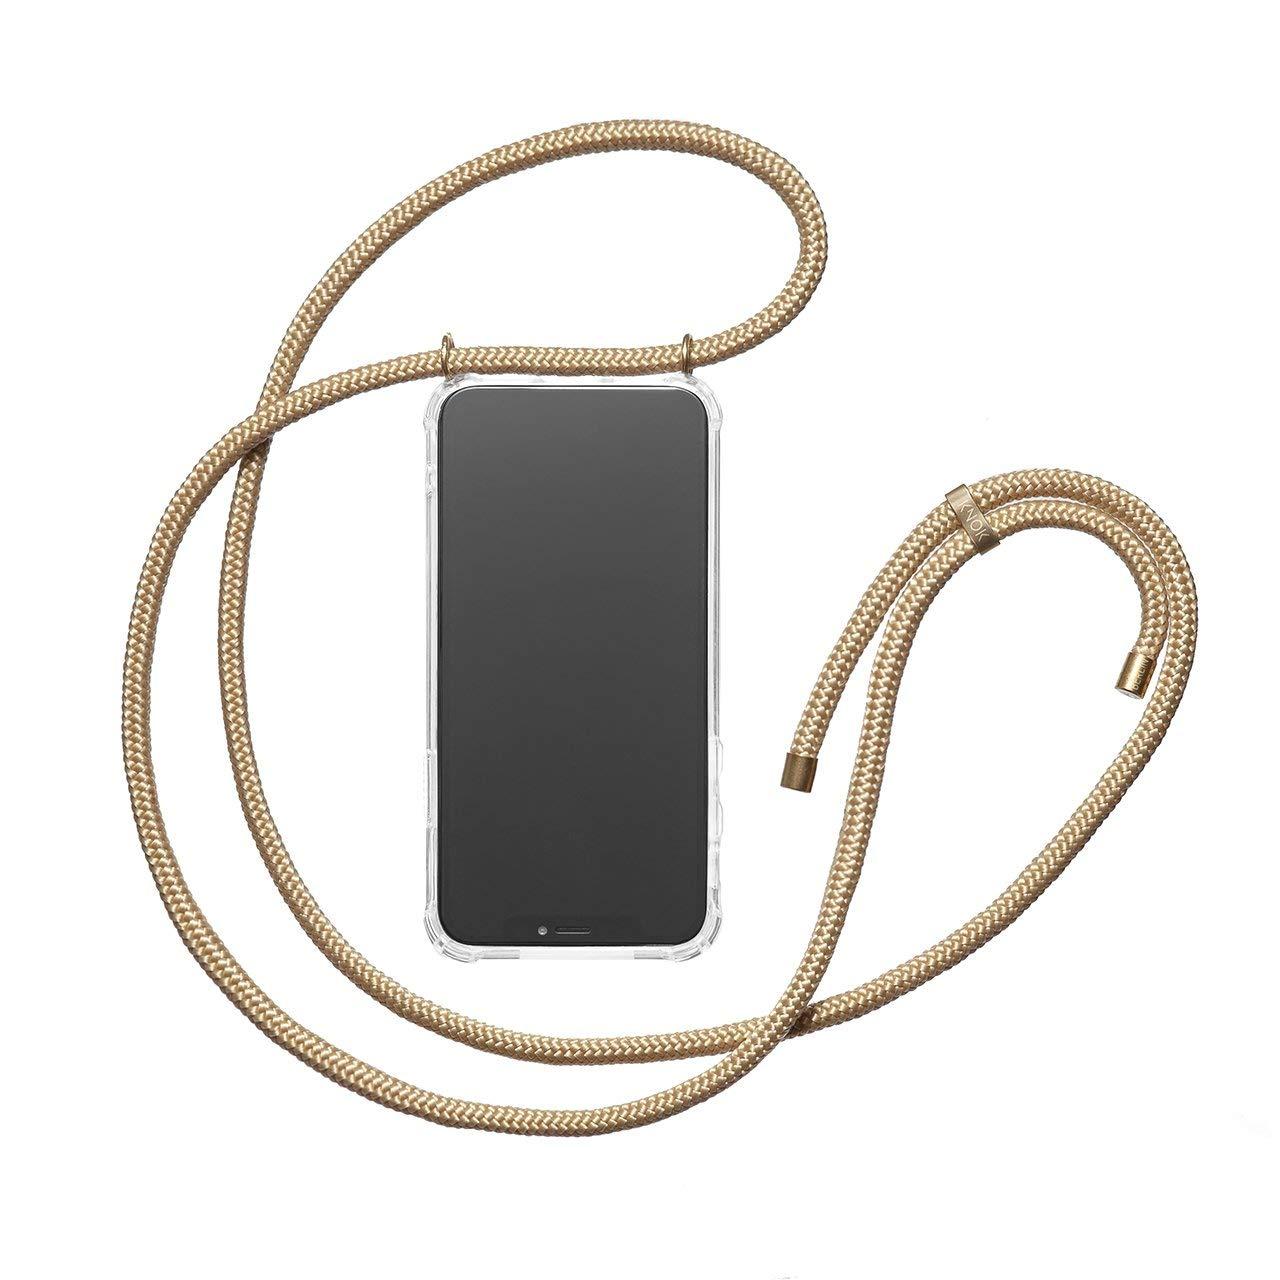 KNOK Funda Colgante movil con Cuerda para Colgar Samsung S9 Plus con Cordon para Llevar en el Cuello Carcasa de m/óvil iPhone Samsung Huawei con Correa Colgante Hecho a Mano en Berlin Case